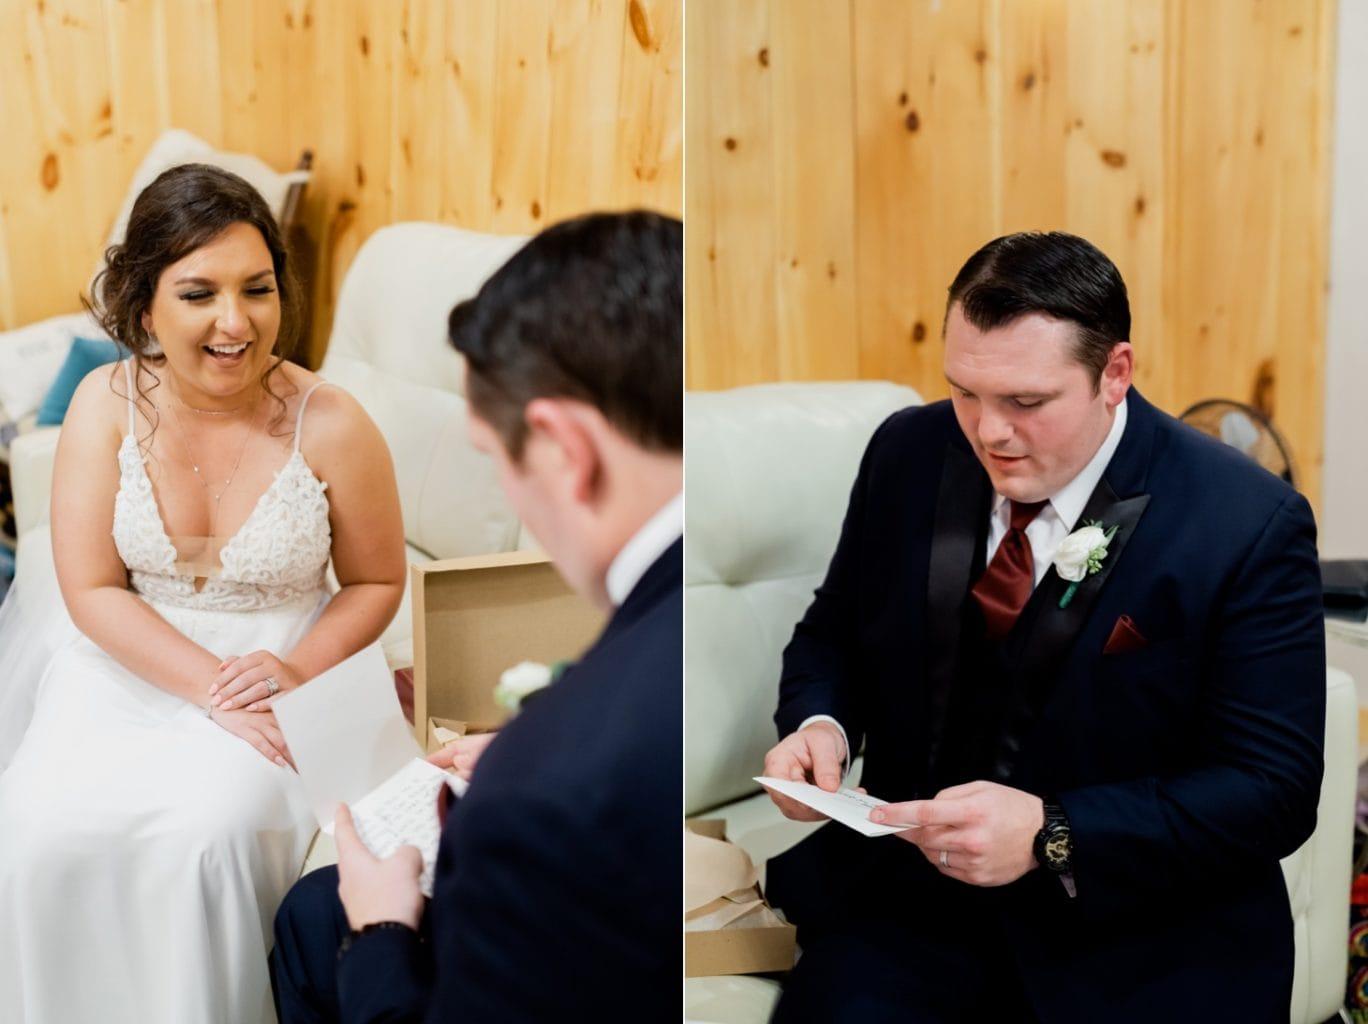 wedding vows photos adel iowa